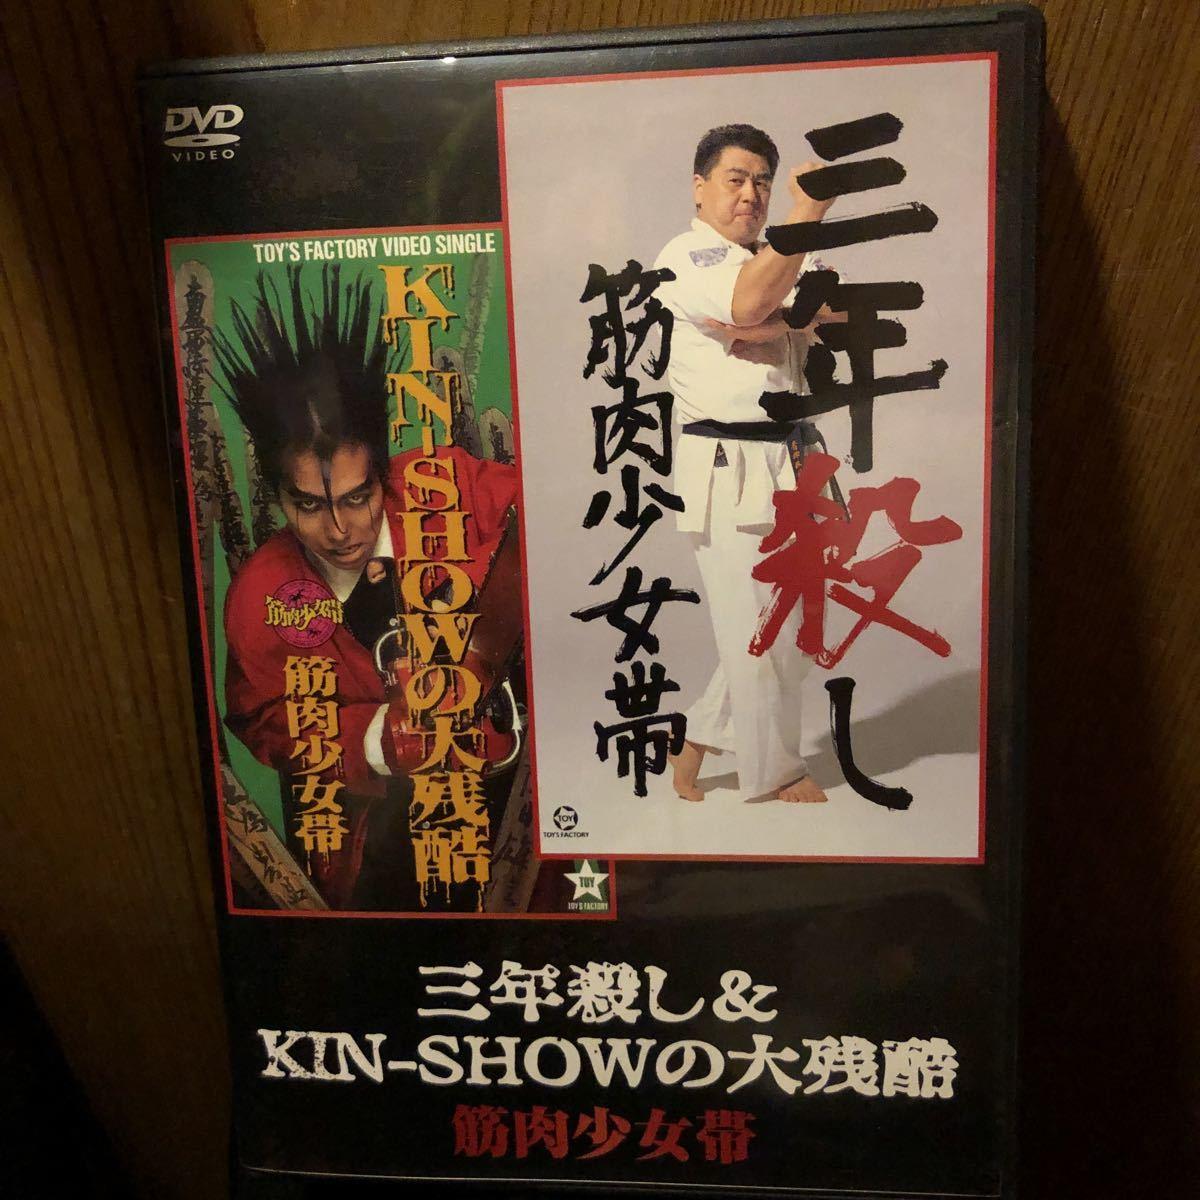 DVD 筋肉少女帯 / 三年殺し&KIN-SHOWの大残酷_画像1